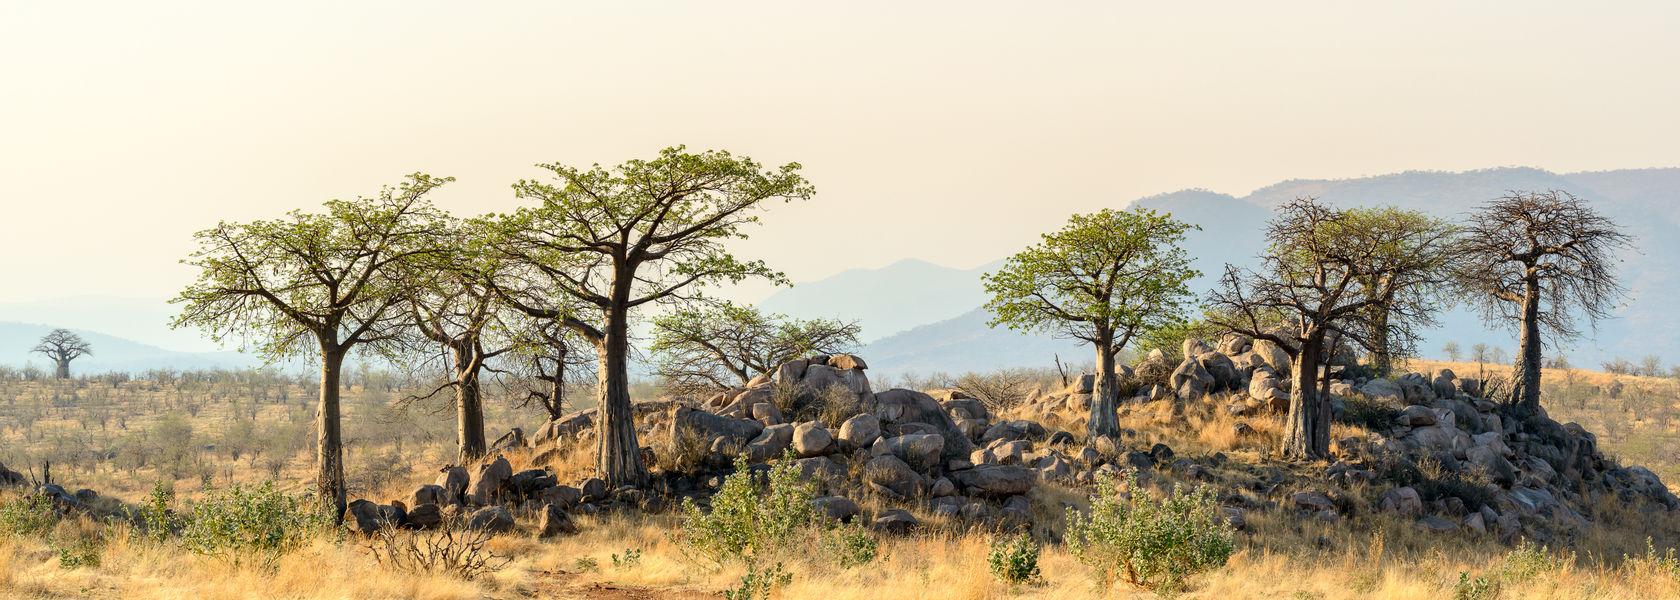 Zuid Tanzania safari met Comoren - Matoke Tours